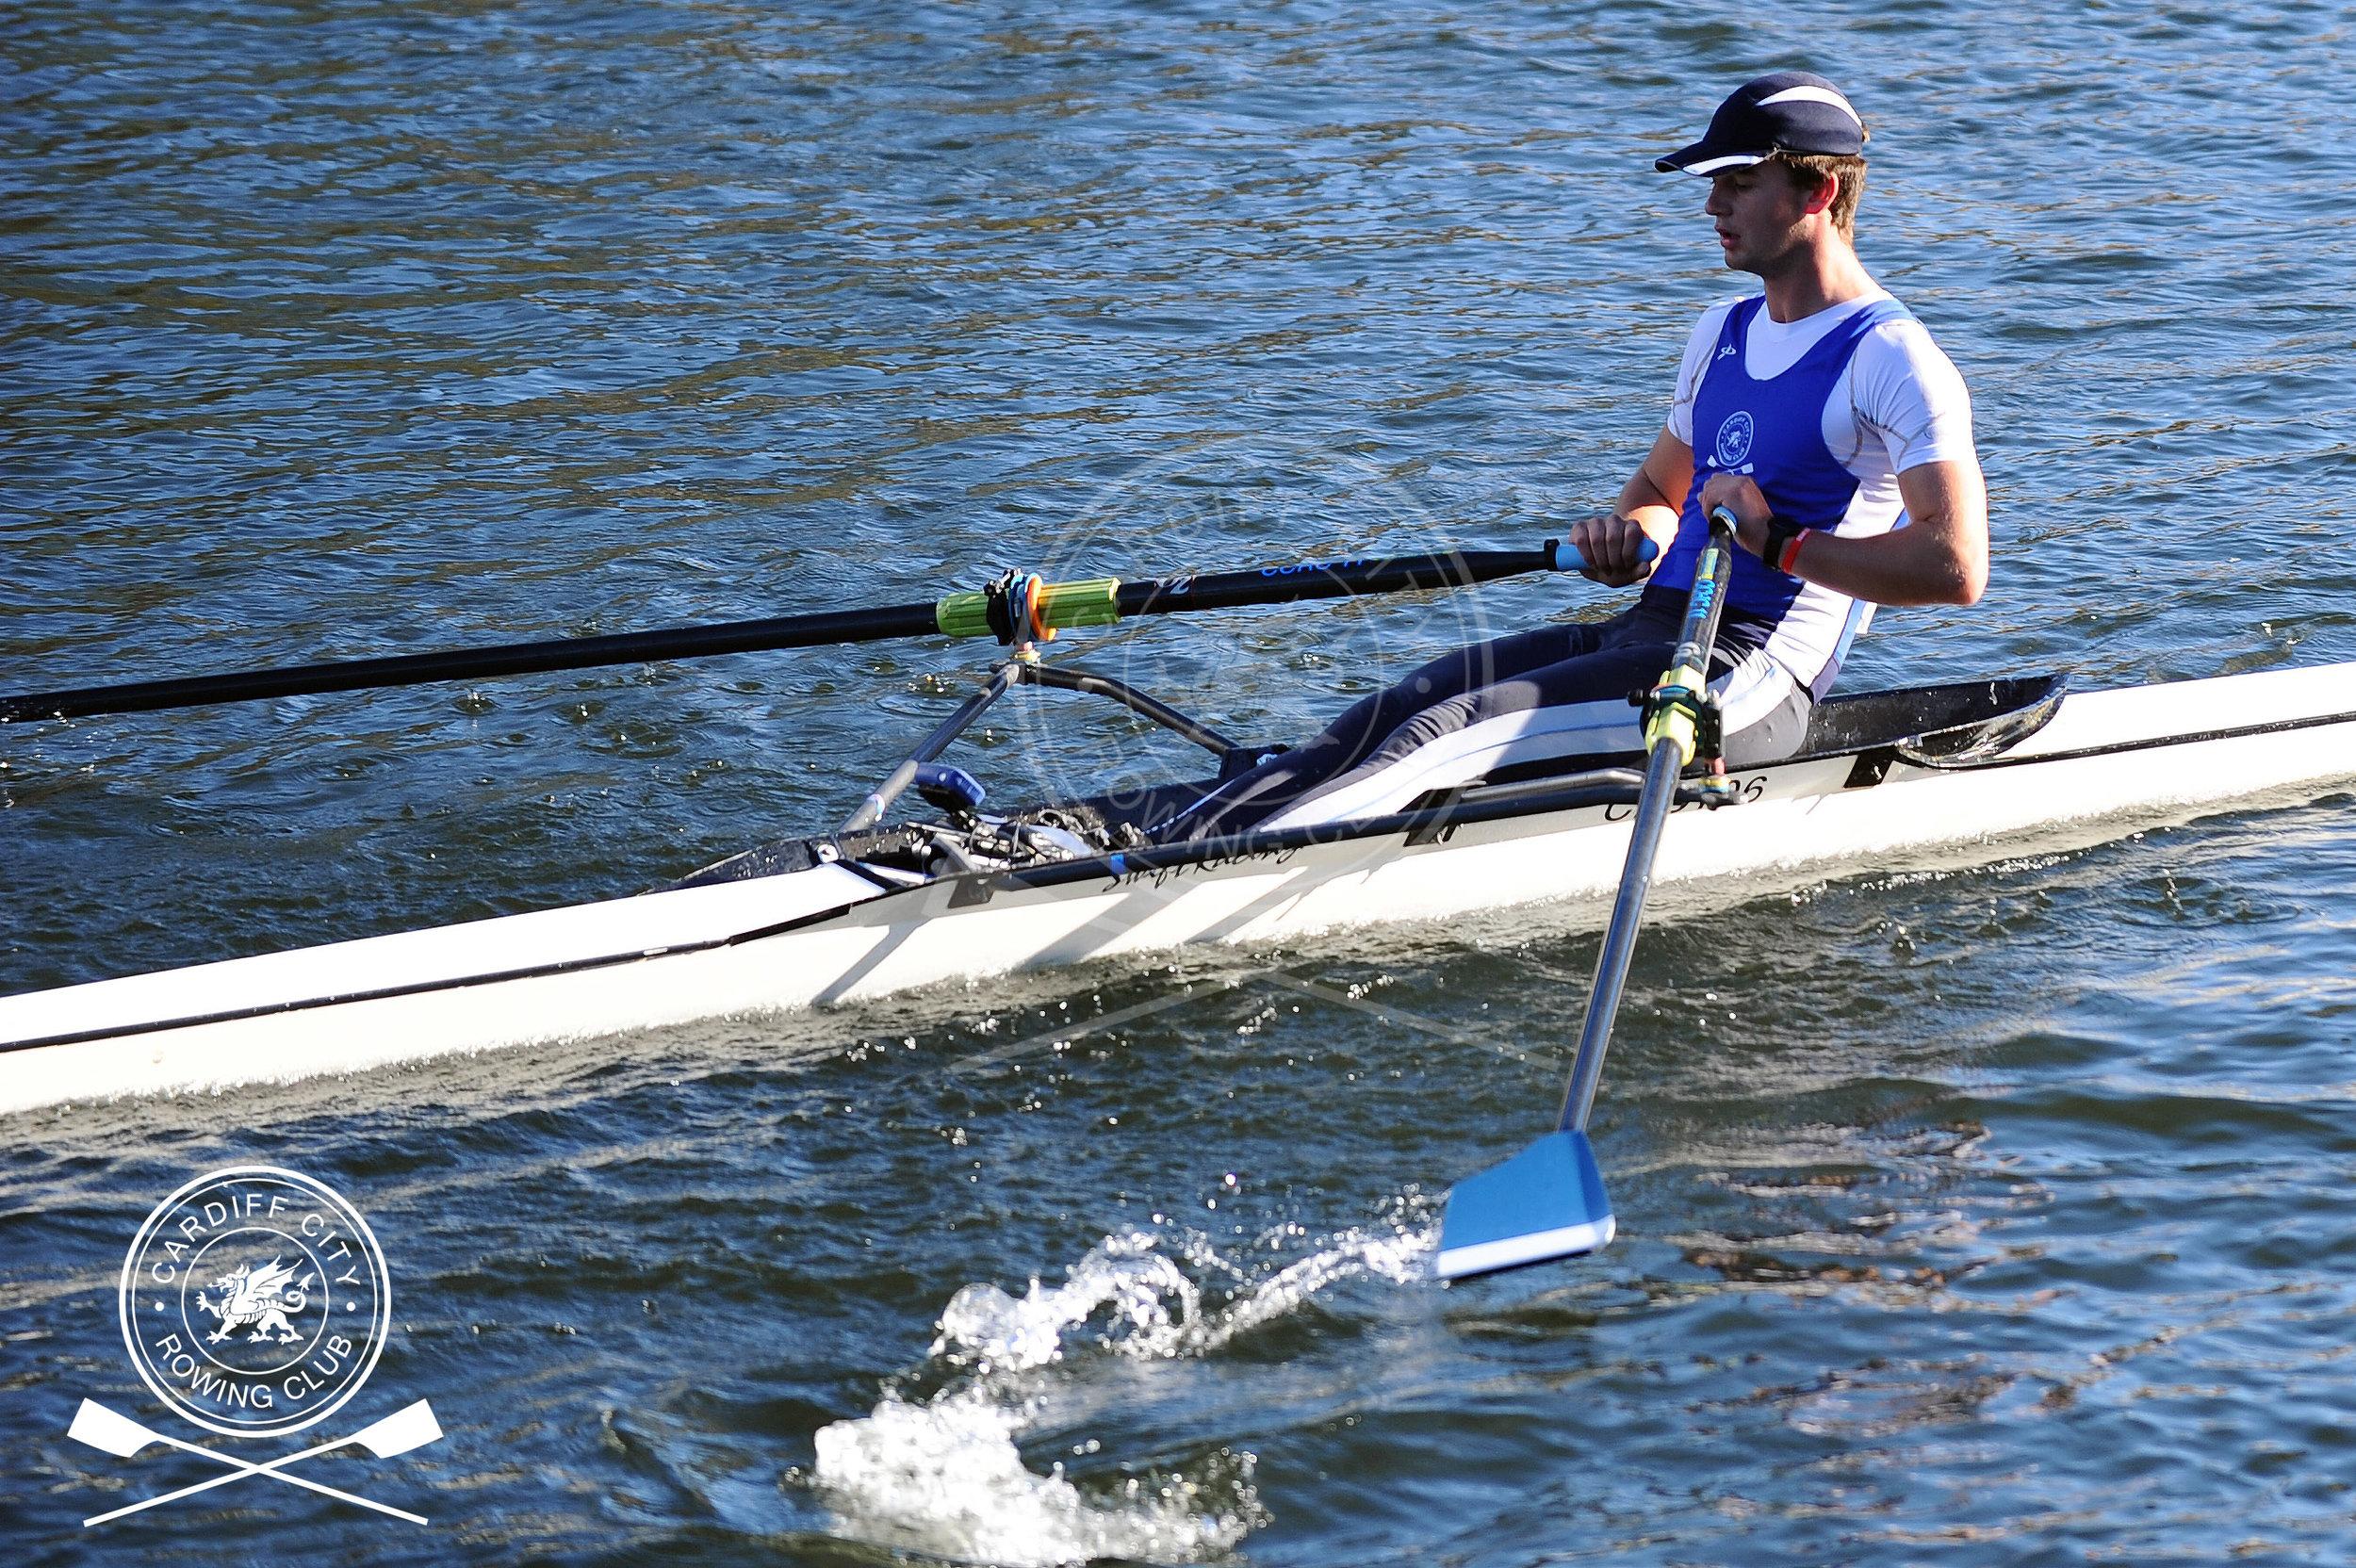 Cardiff_City_Head_Race_59.jpg